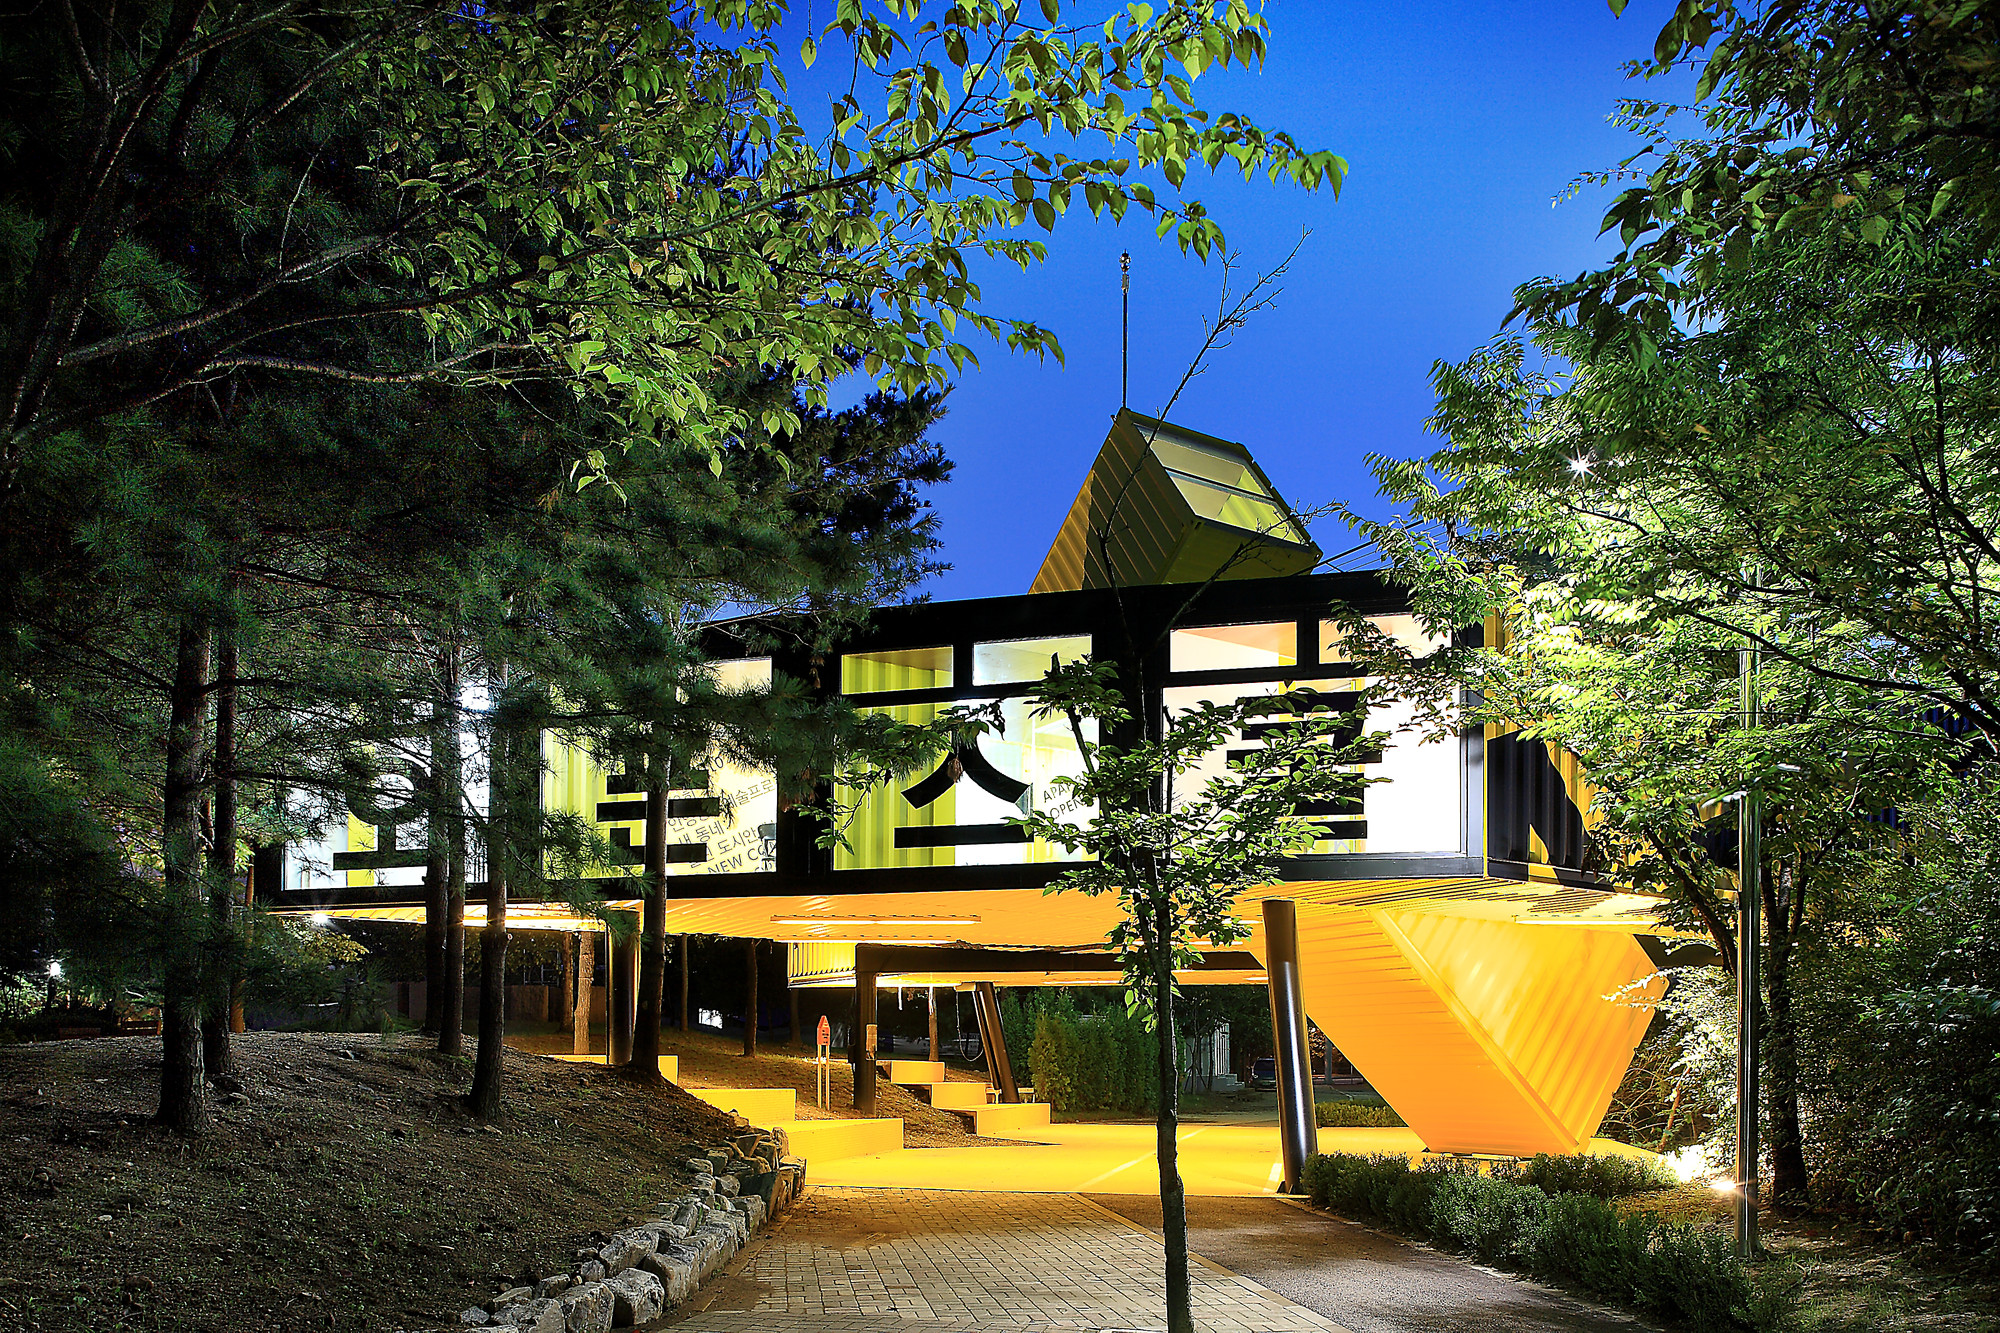 APAP OpenSchool / LOT-EK Architecture & Design